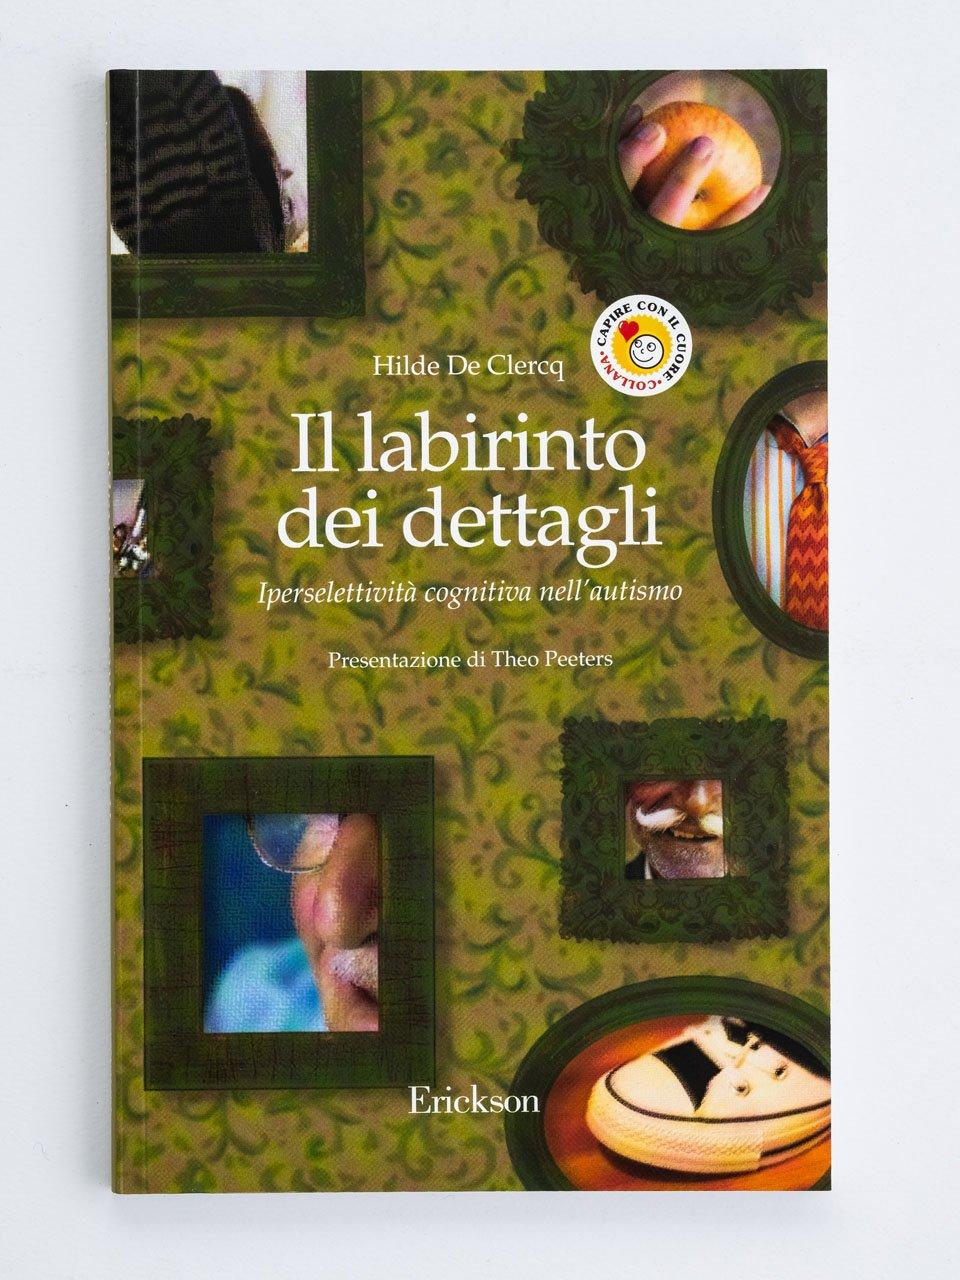 Il labirinto dei dettagli - Storie di straordinaria dislessia - Libri - Erickson